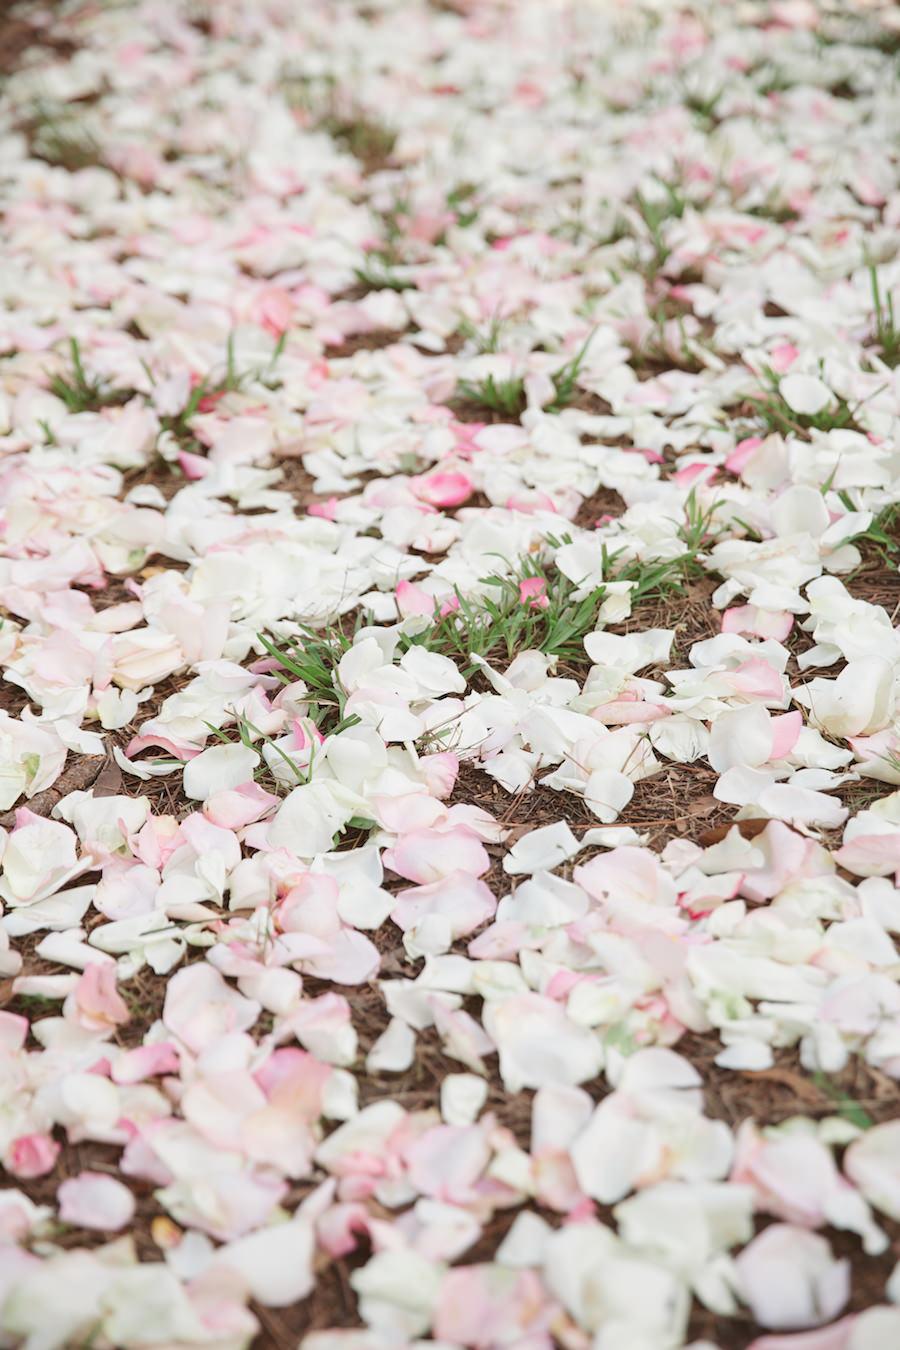 Rose Petal Aisle | Wedding Ceremony Ideas | Tampa Bay Wedding Floral Designer Northside Florist